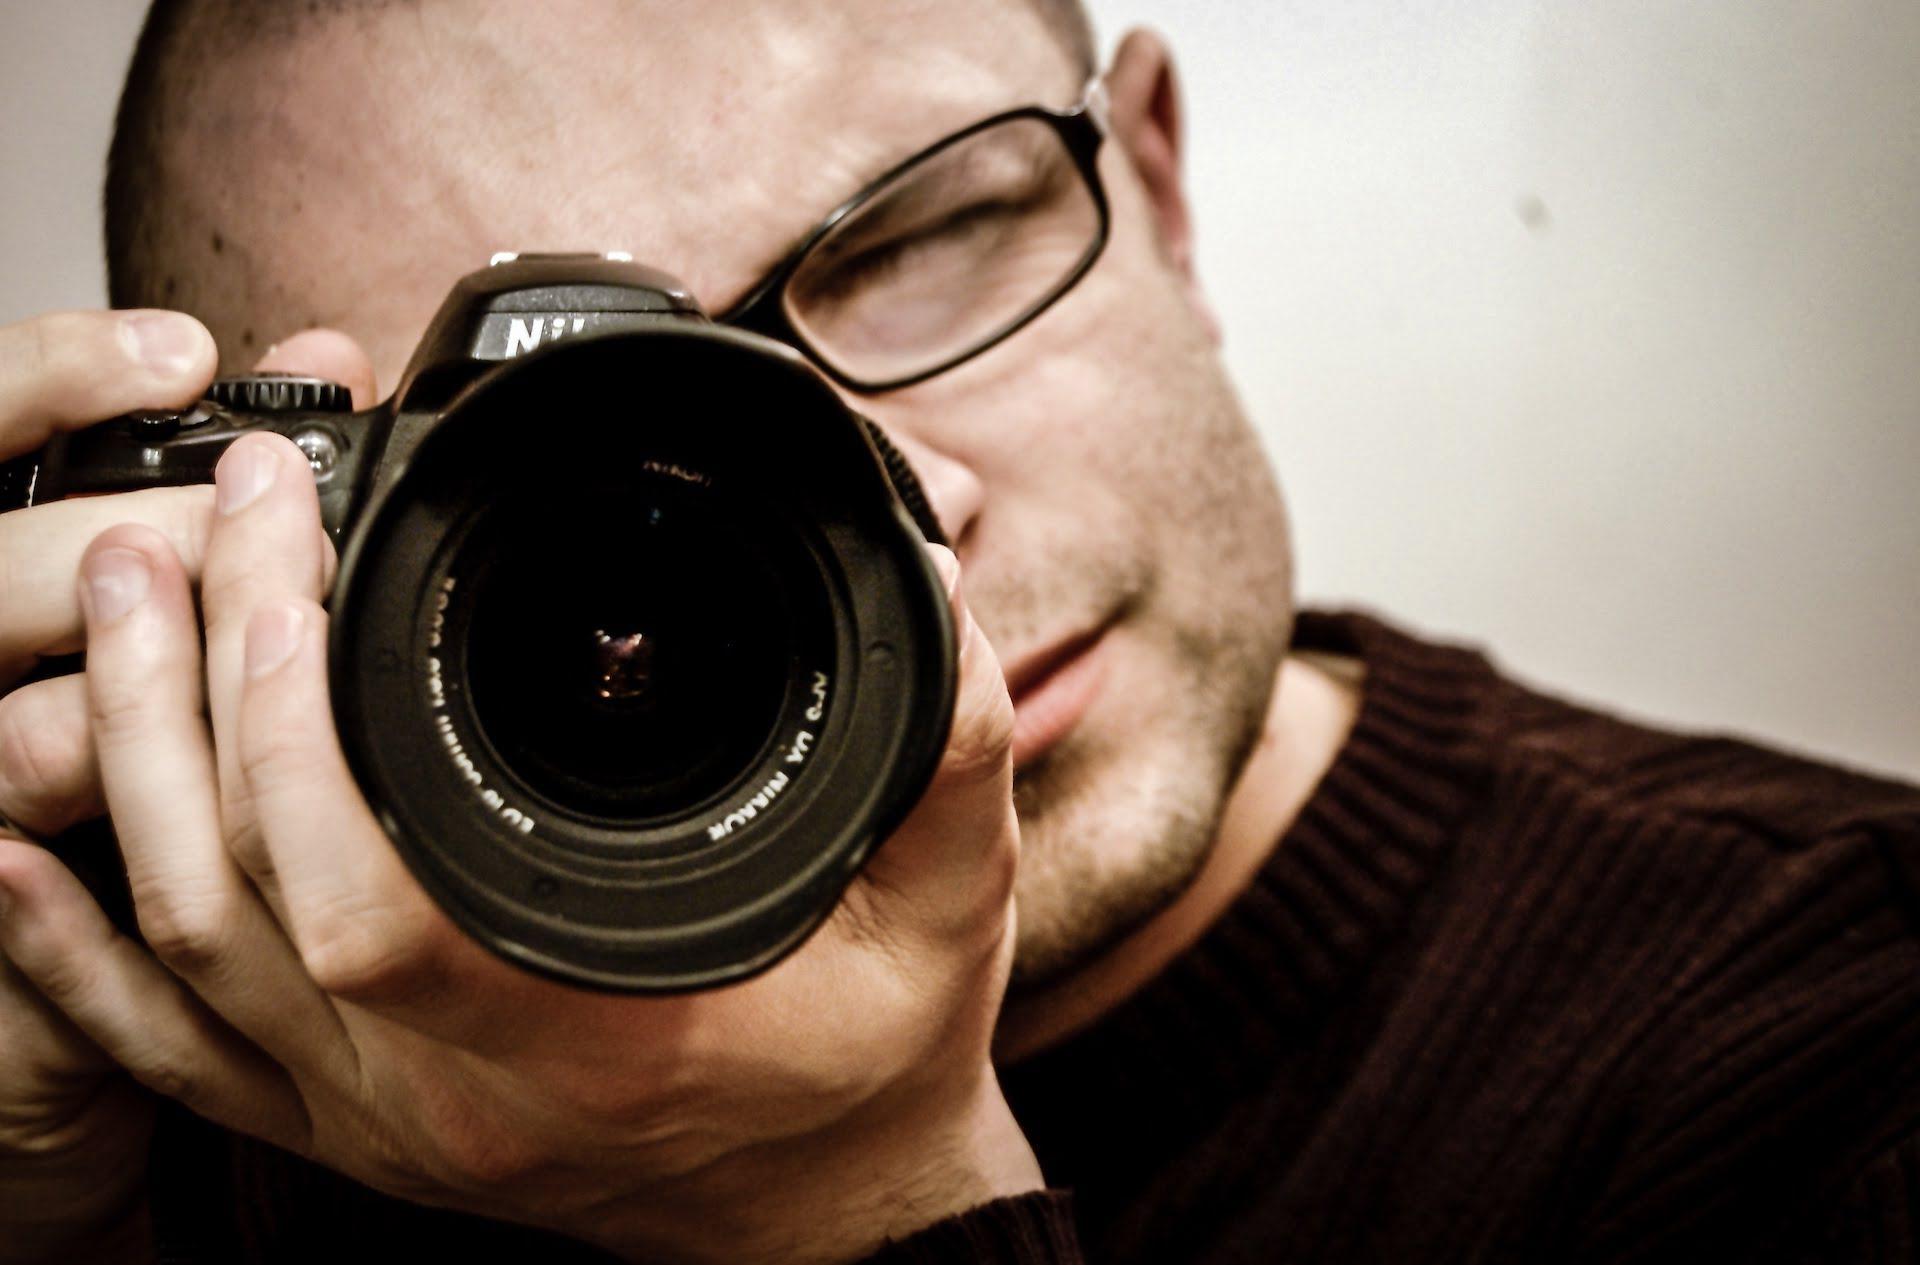 man camera photographer lens nikon 購買攝影器材前一定要搞懂的專有名詞(初學新手篇)